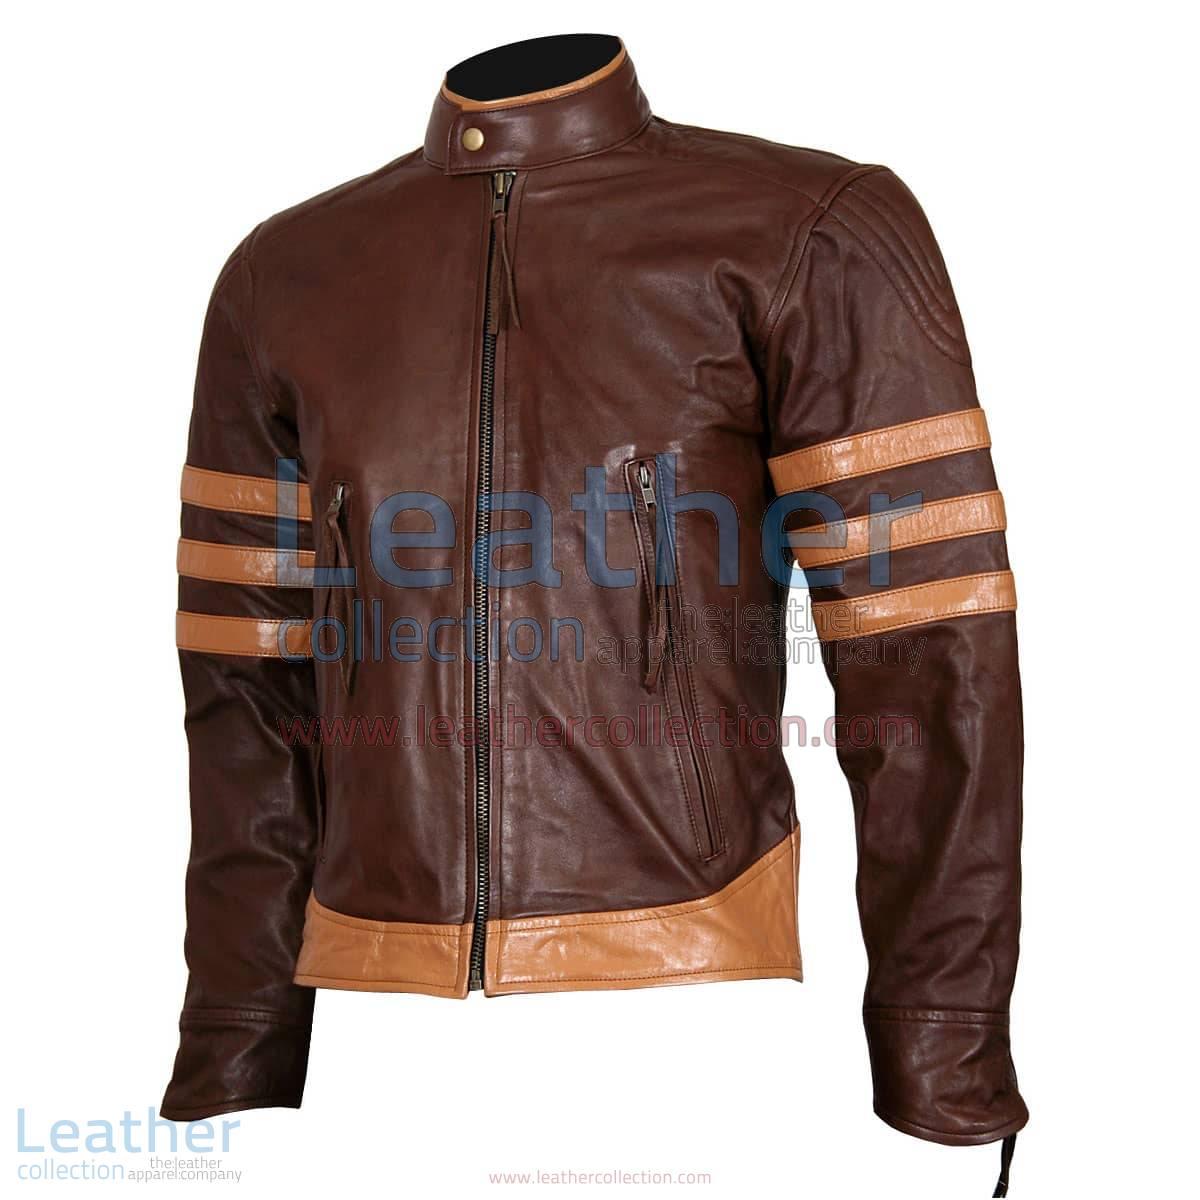 X-MEN Wolverine Origins Brown Biker Leather Jacket   x-men wolverine jacket